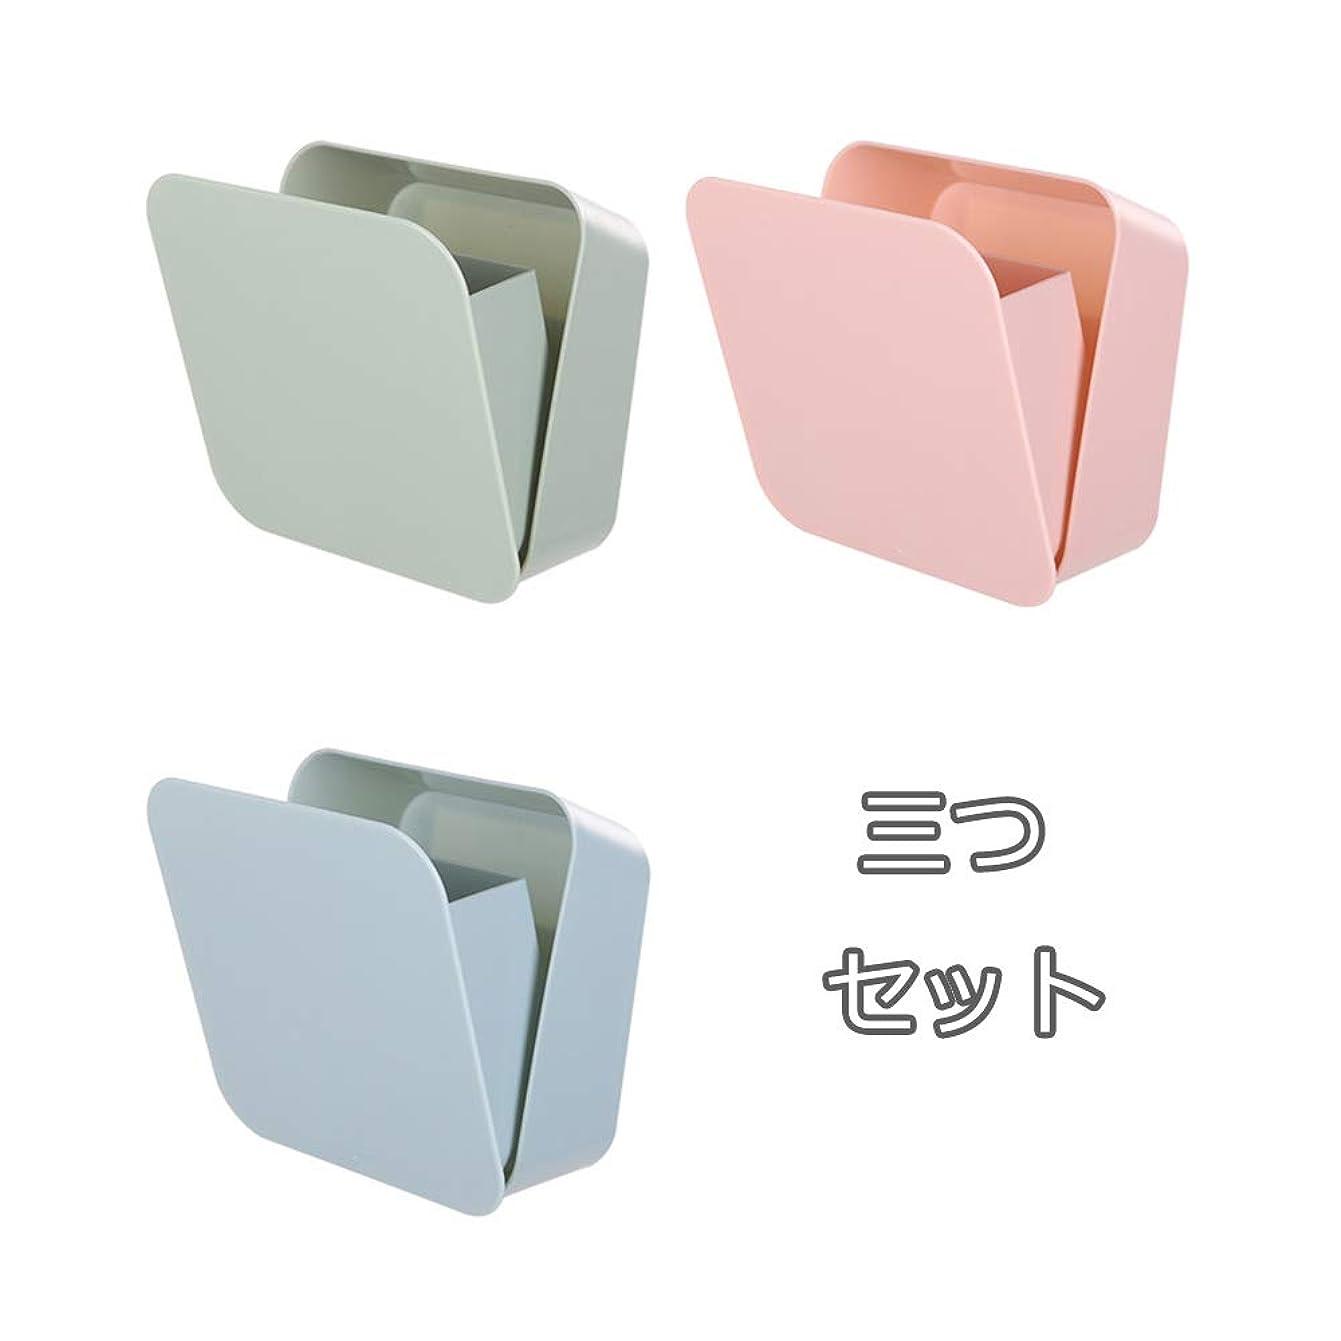 浴室収納 キッチン収納 洗面所収納ボックス風呂場オーガナイザー 石けん置き 小物ホルダー 小物入れ 壁掛 3色 3点セット